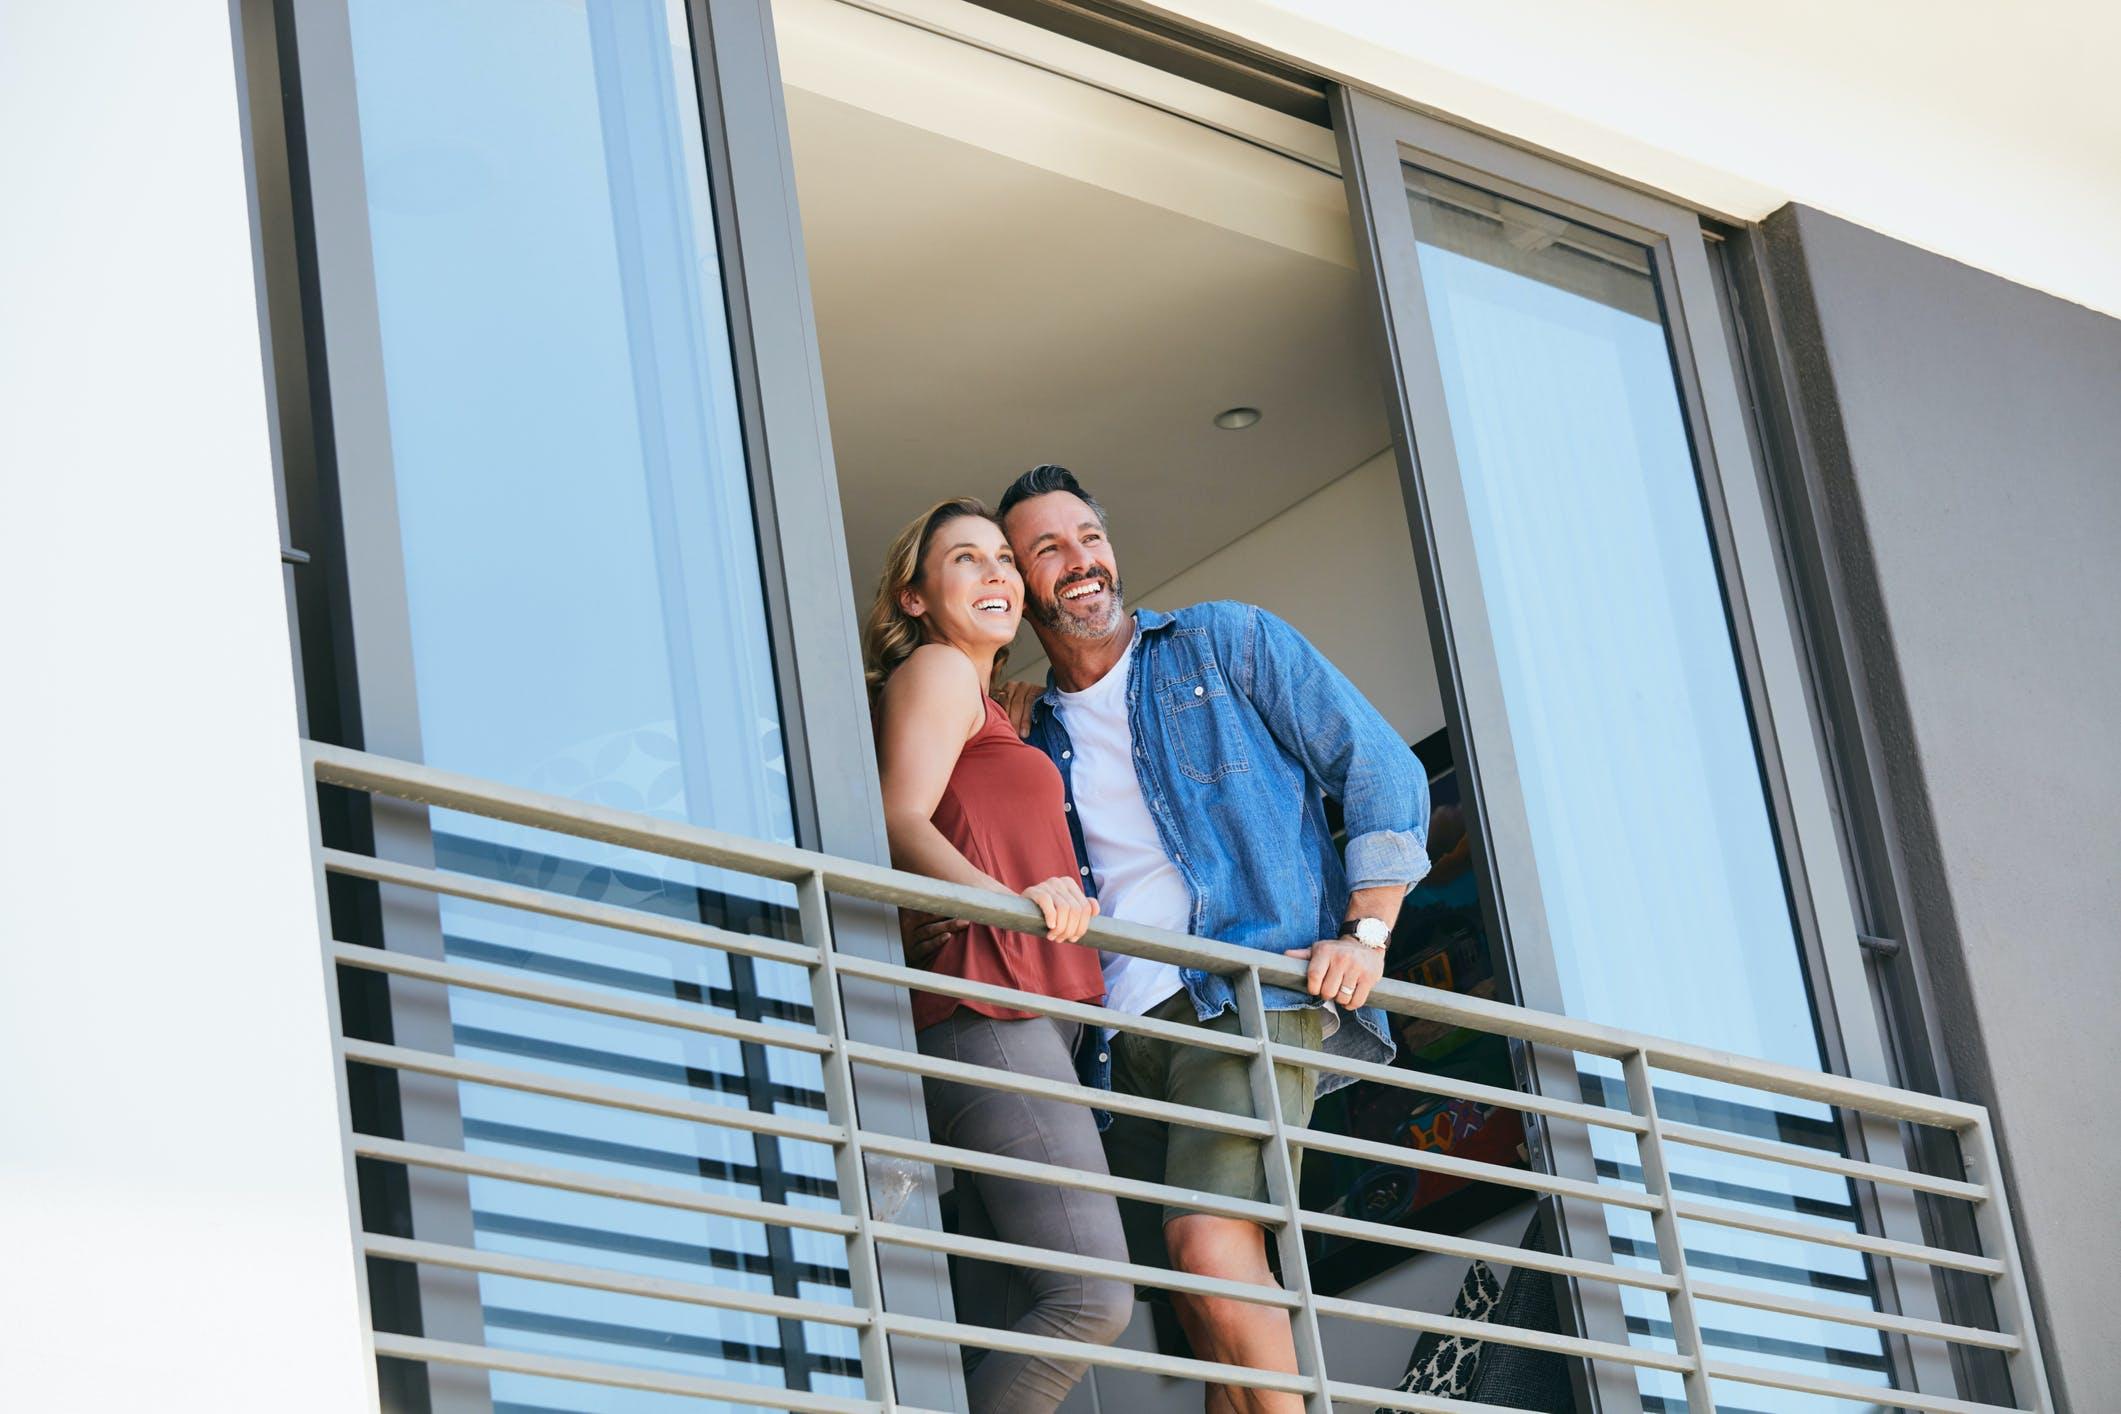 Kupujesz nowe mieszkanie? Przed tobą ważne decyzje